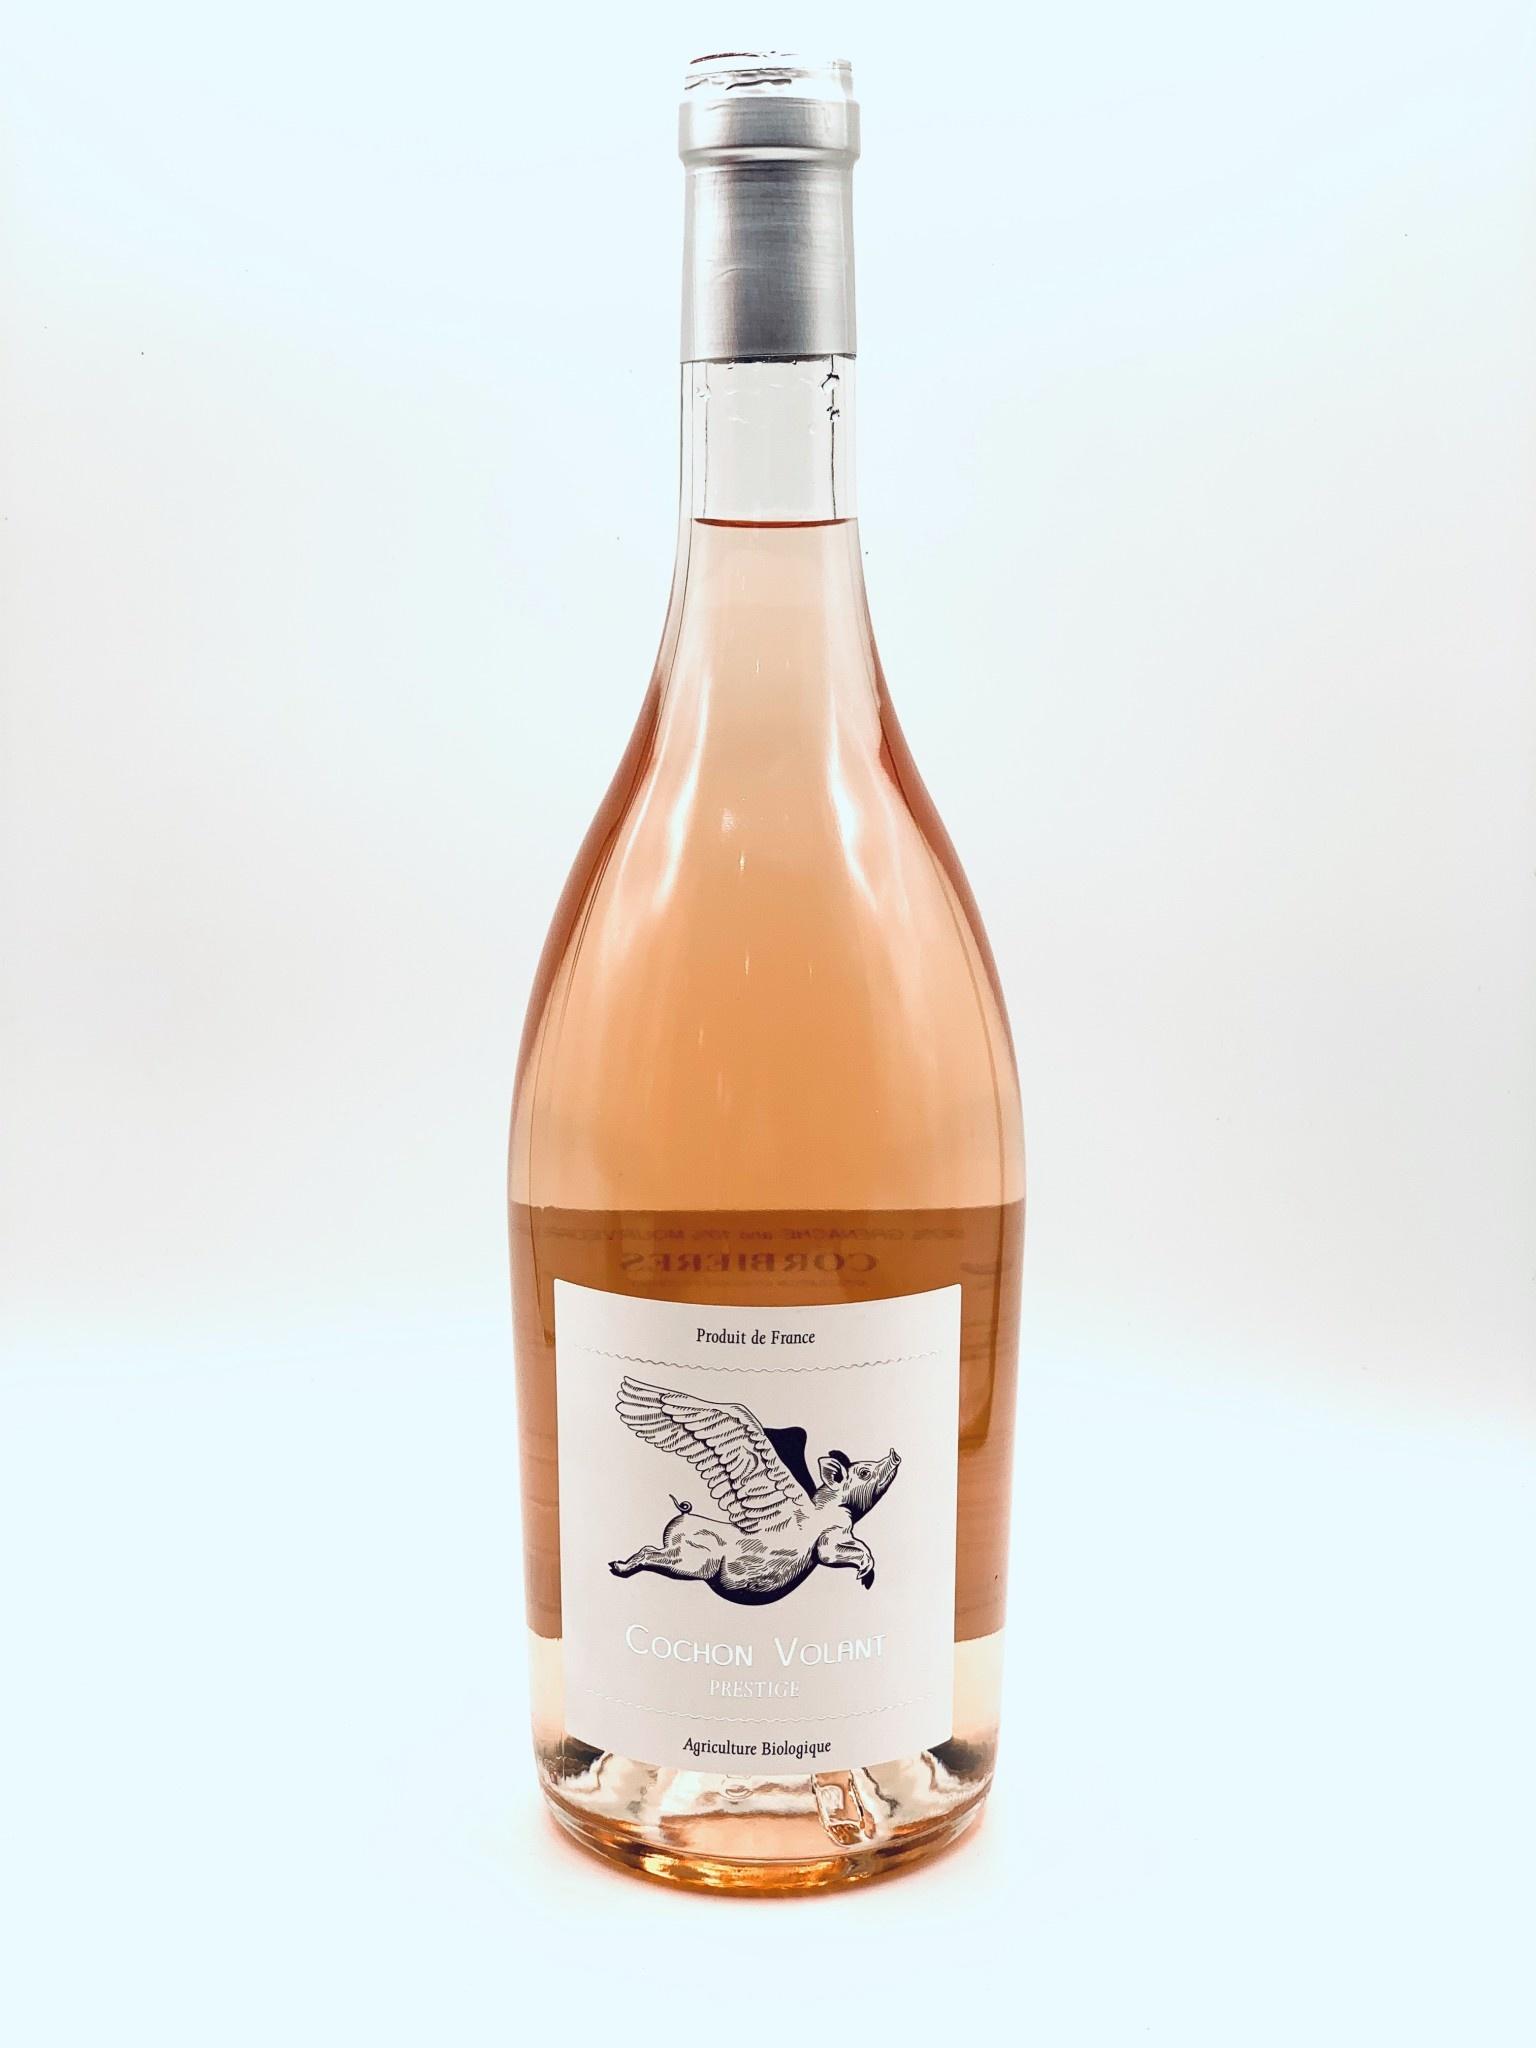 """Corbieres Rose """"Cochon Volant"""" 2020 Chateau de Caraguilhes  750ml"""